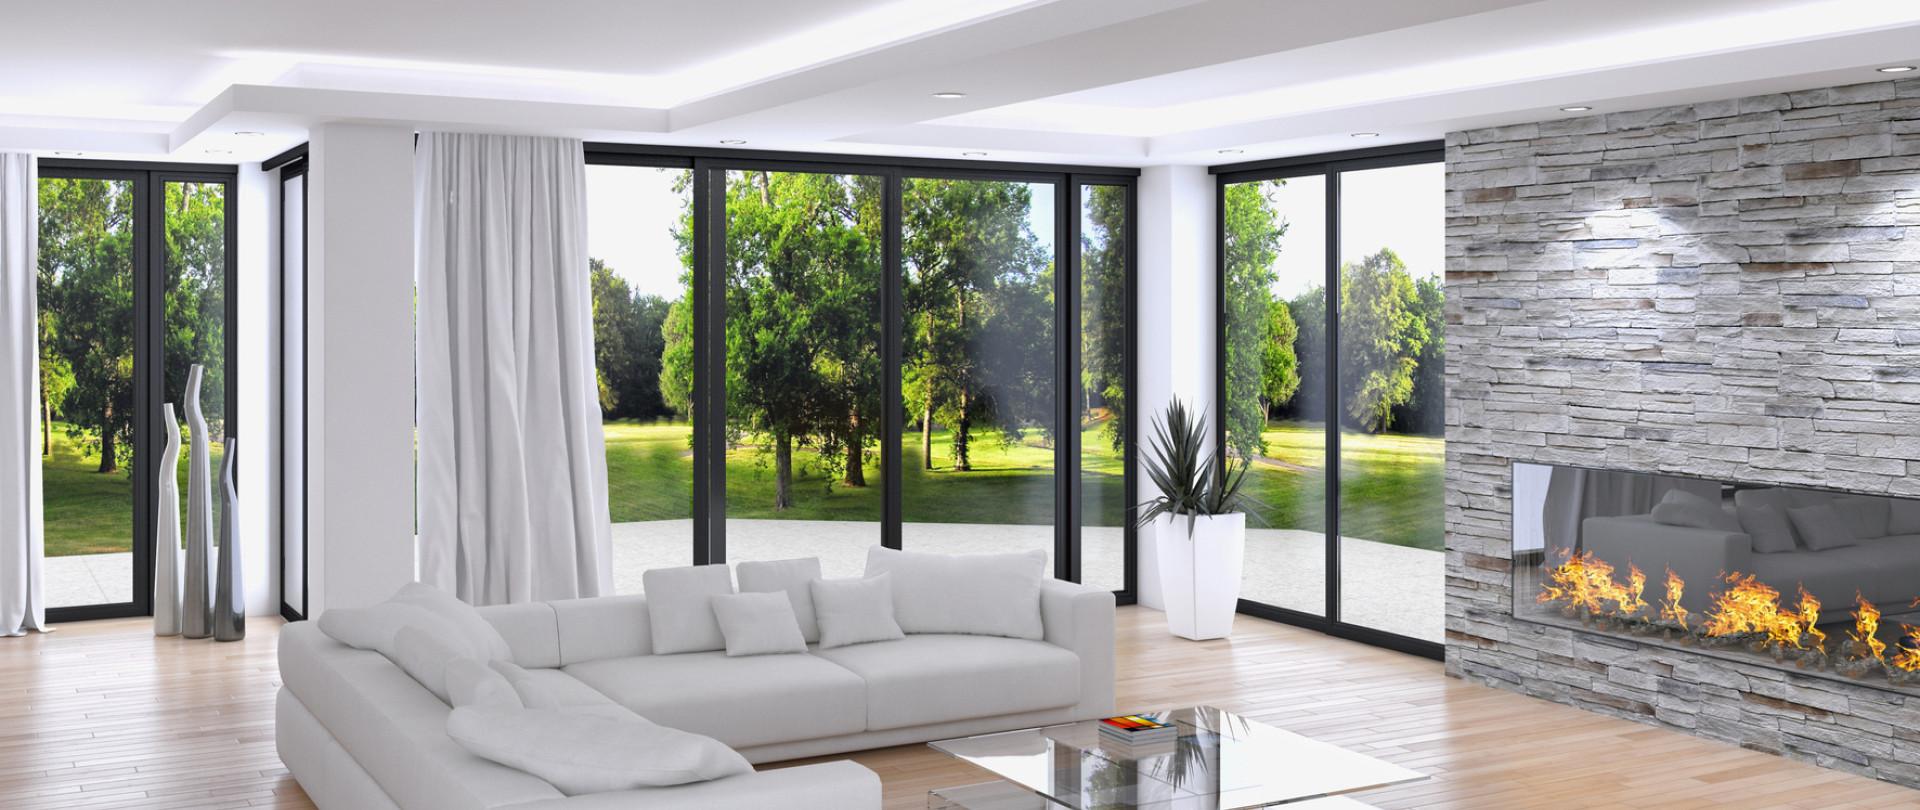 miroiterie serre le verre en toute transparence. Black Bedroom Furniture Sets. Home Design Ideas